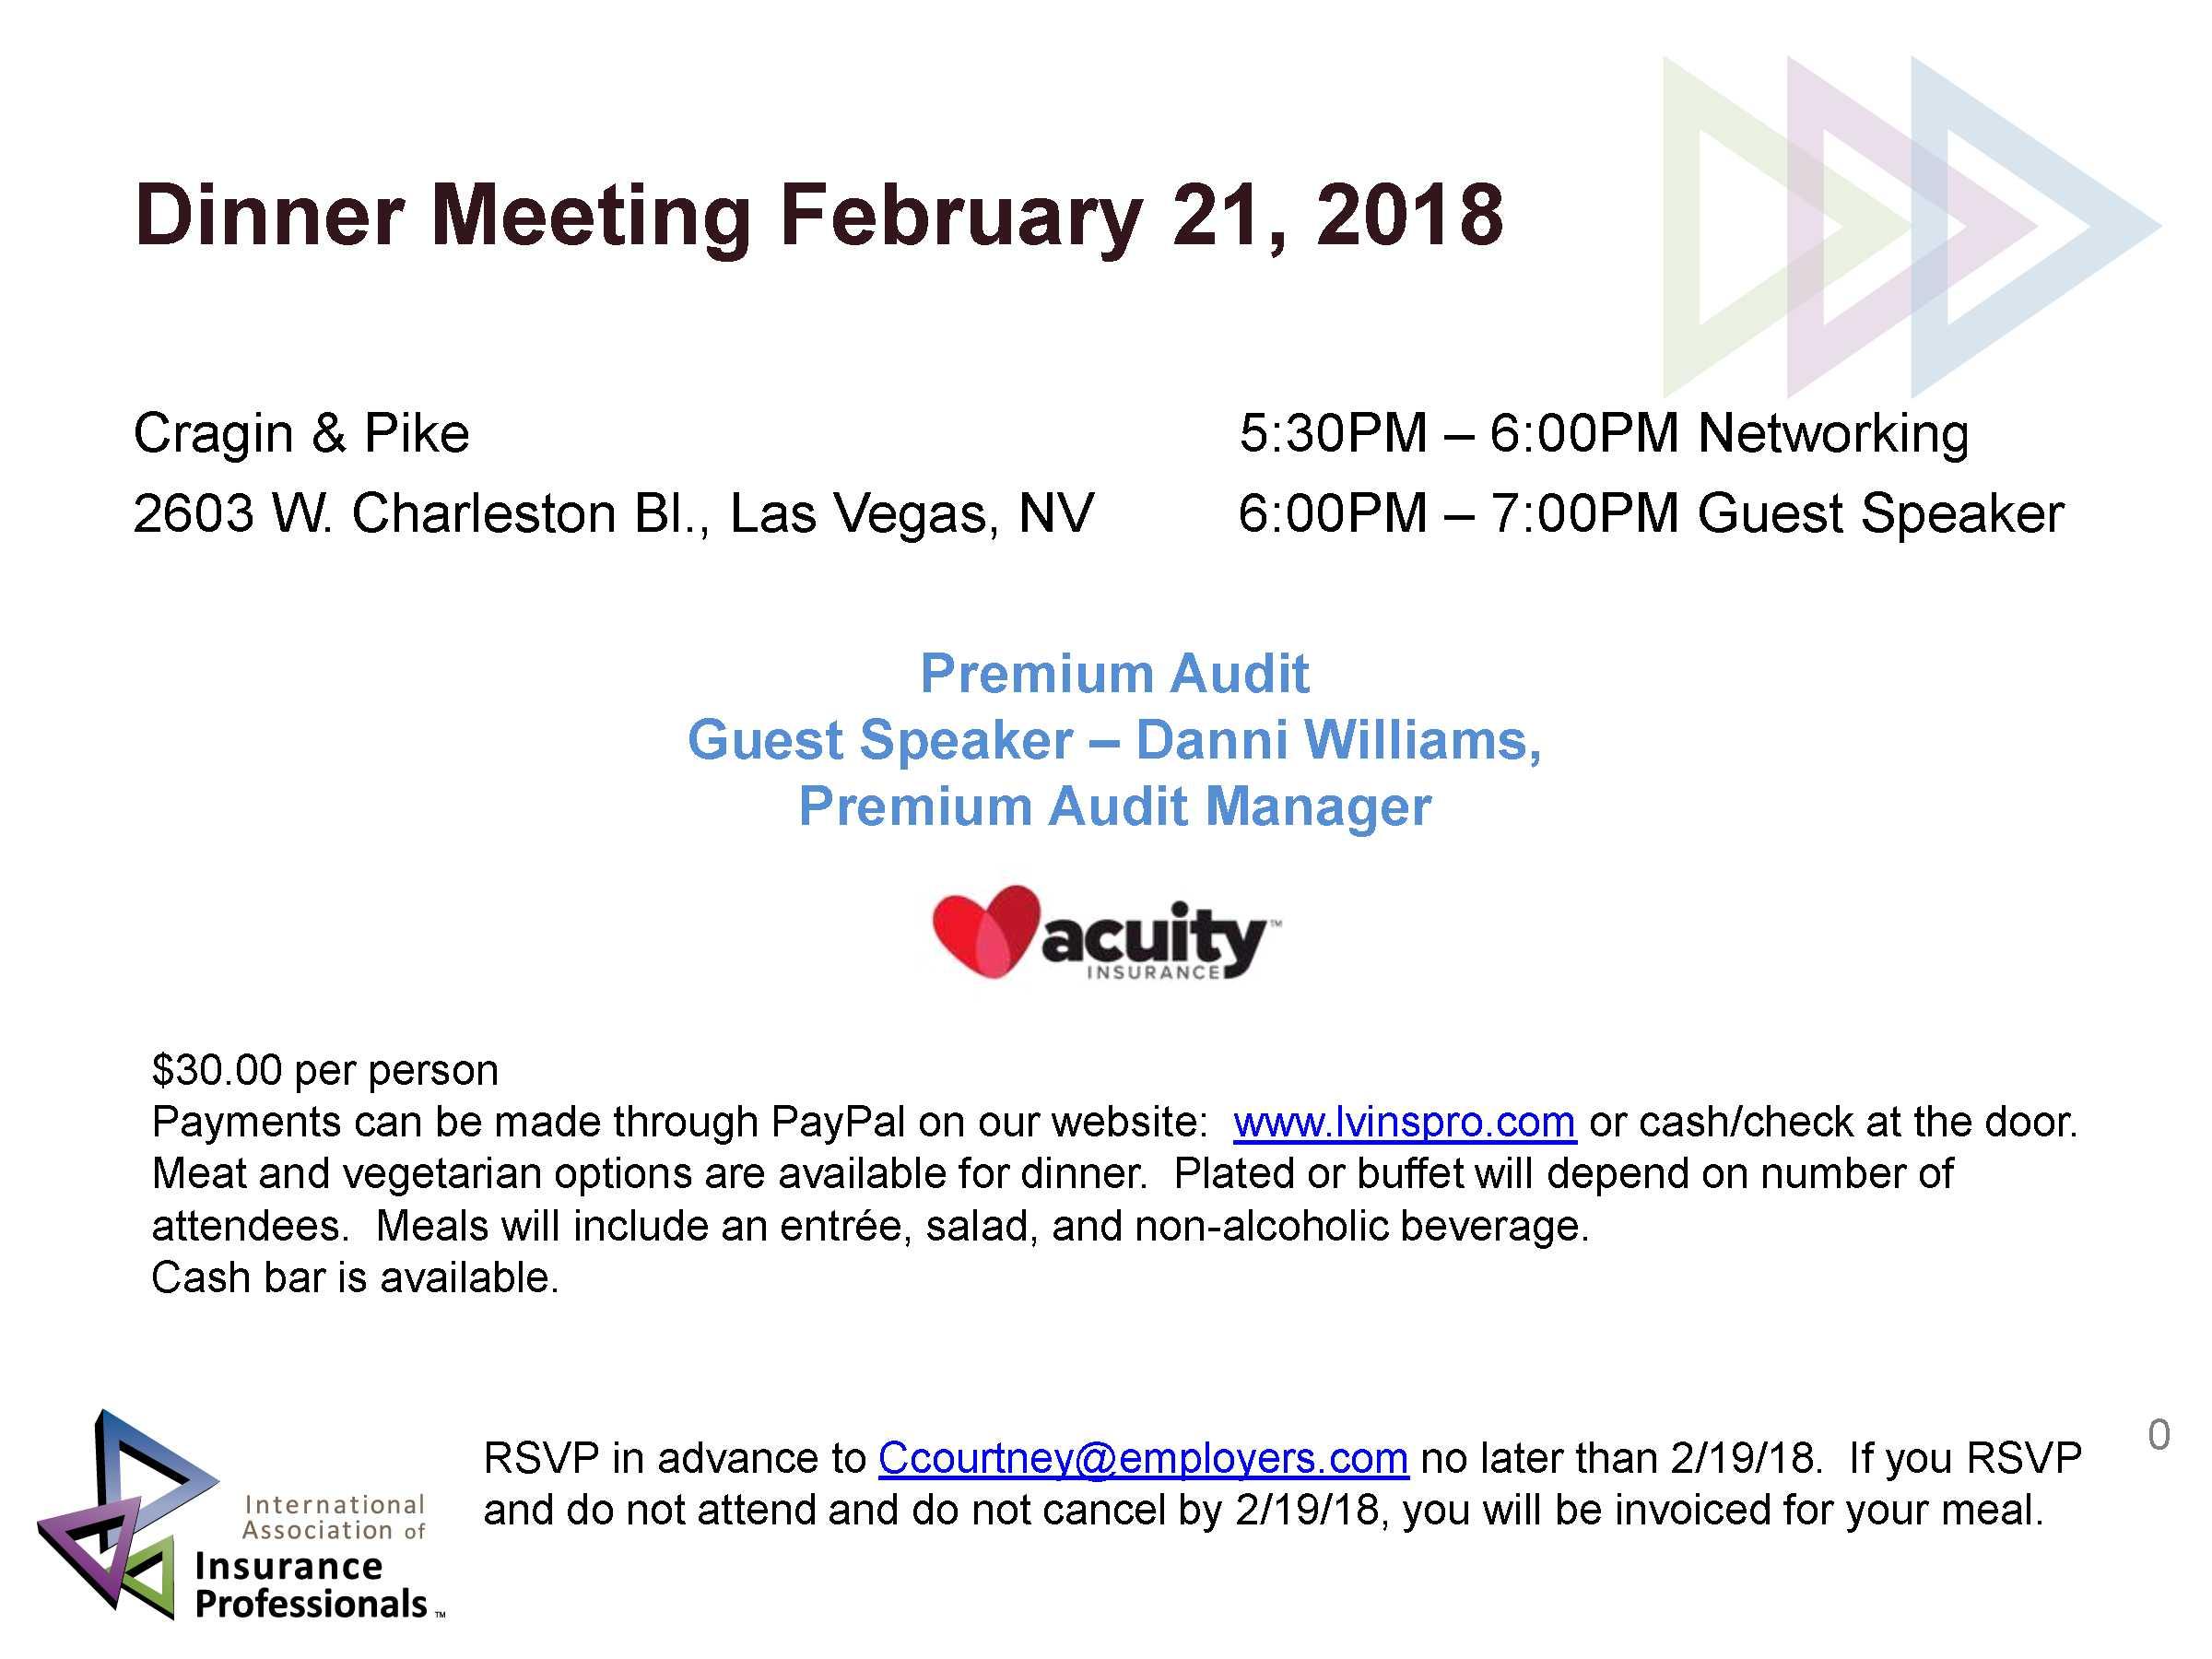 2018-02-21 LVIP Dinner Meeting Flyer February.jpg